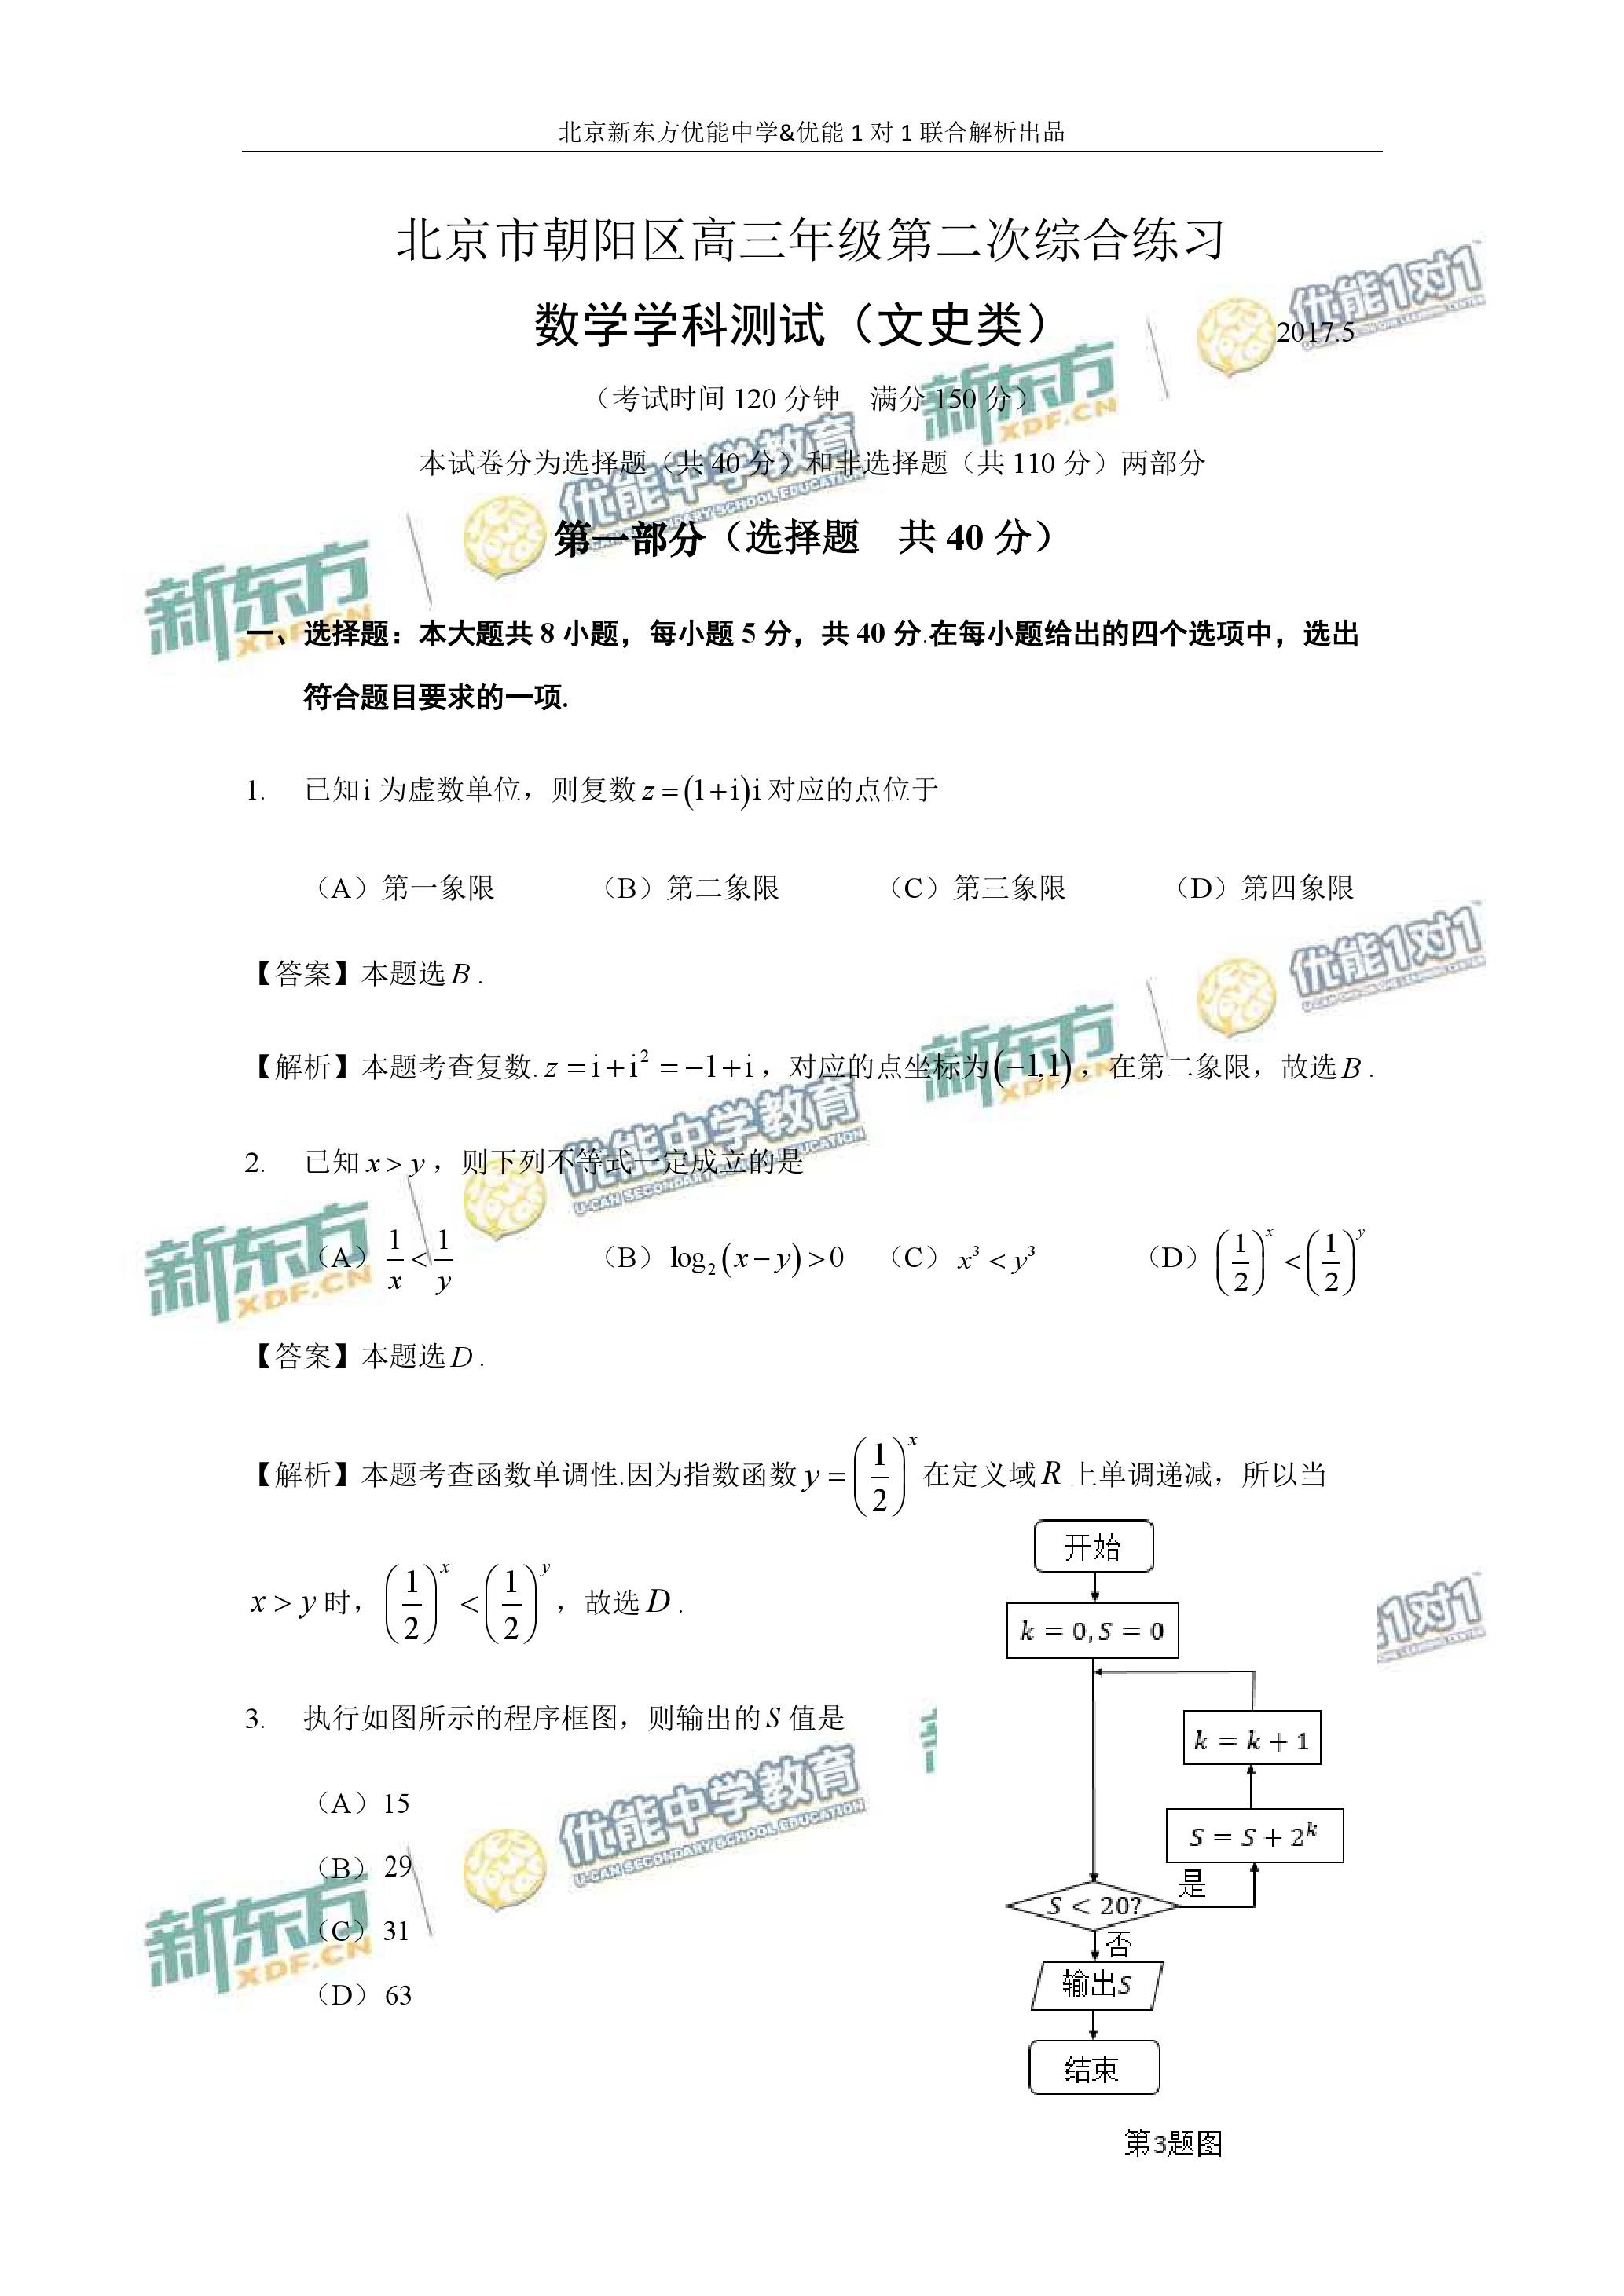 2017北京朝阳高三二模数学文试卷答案逐题解析